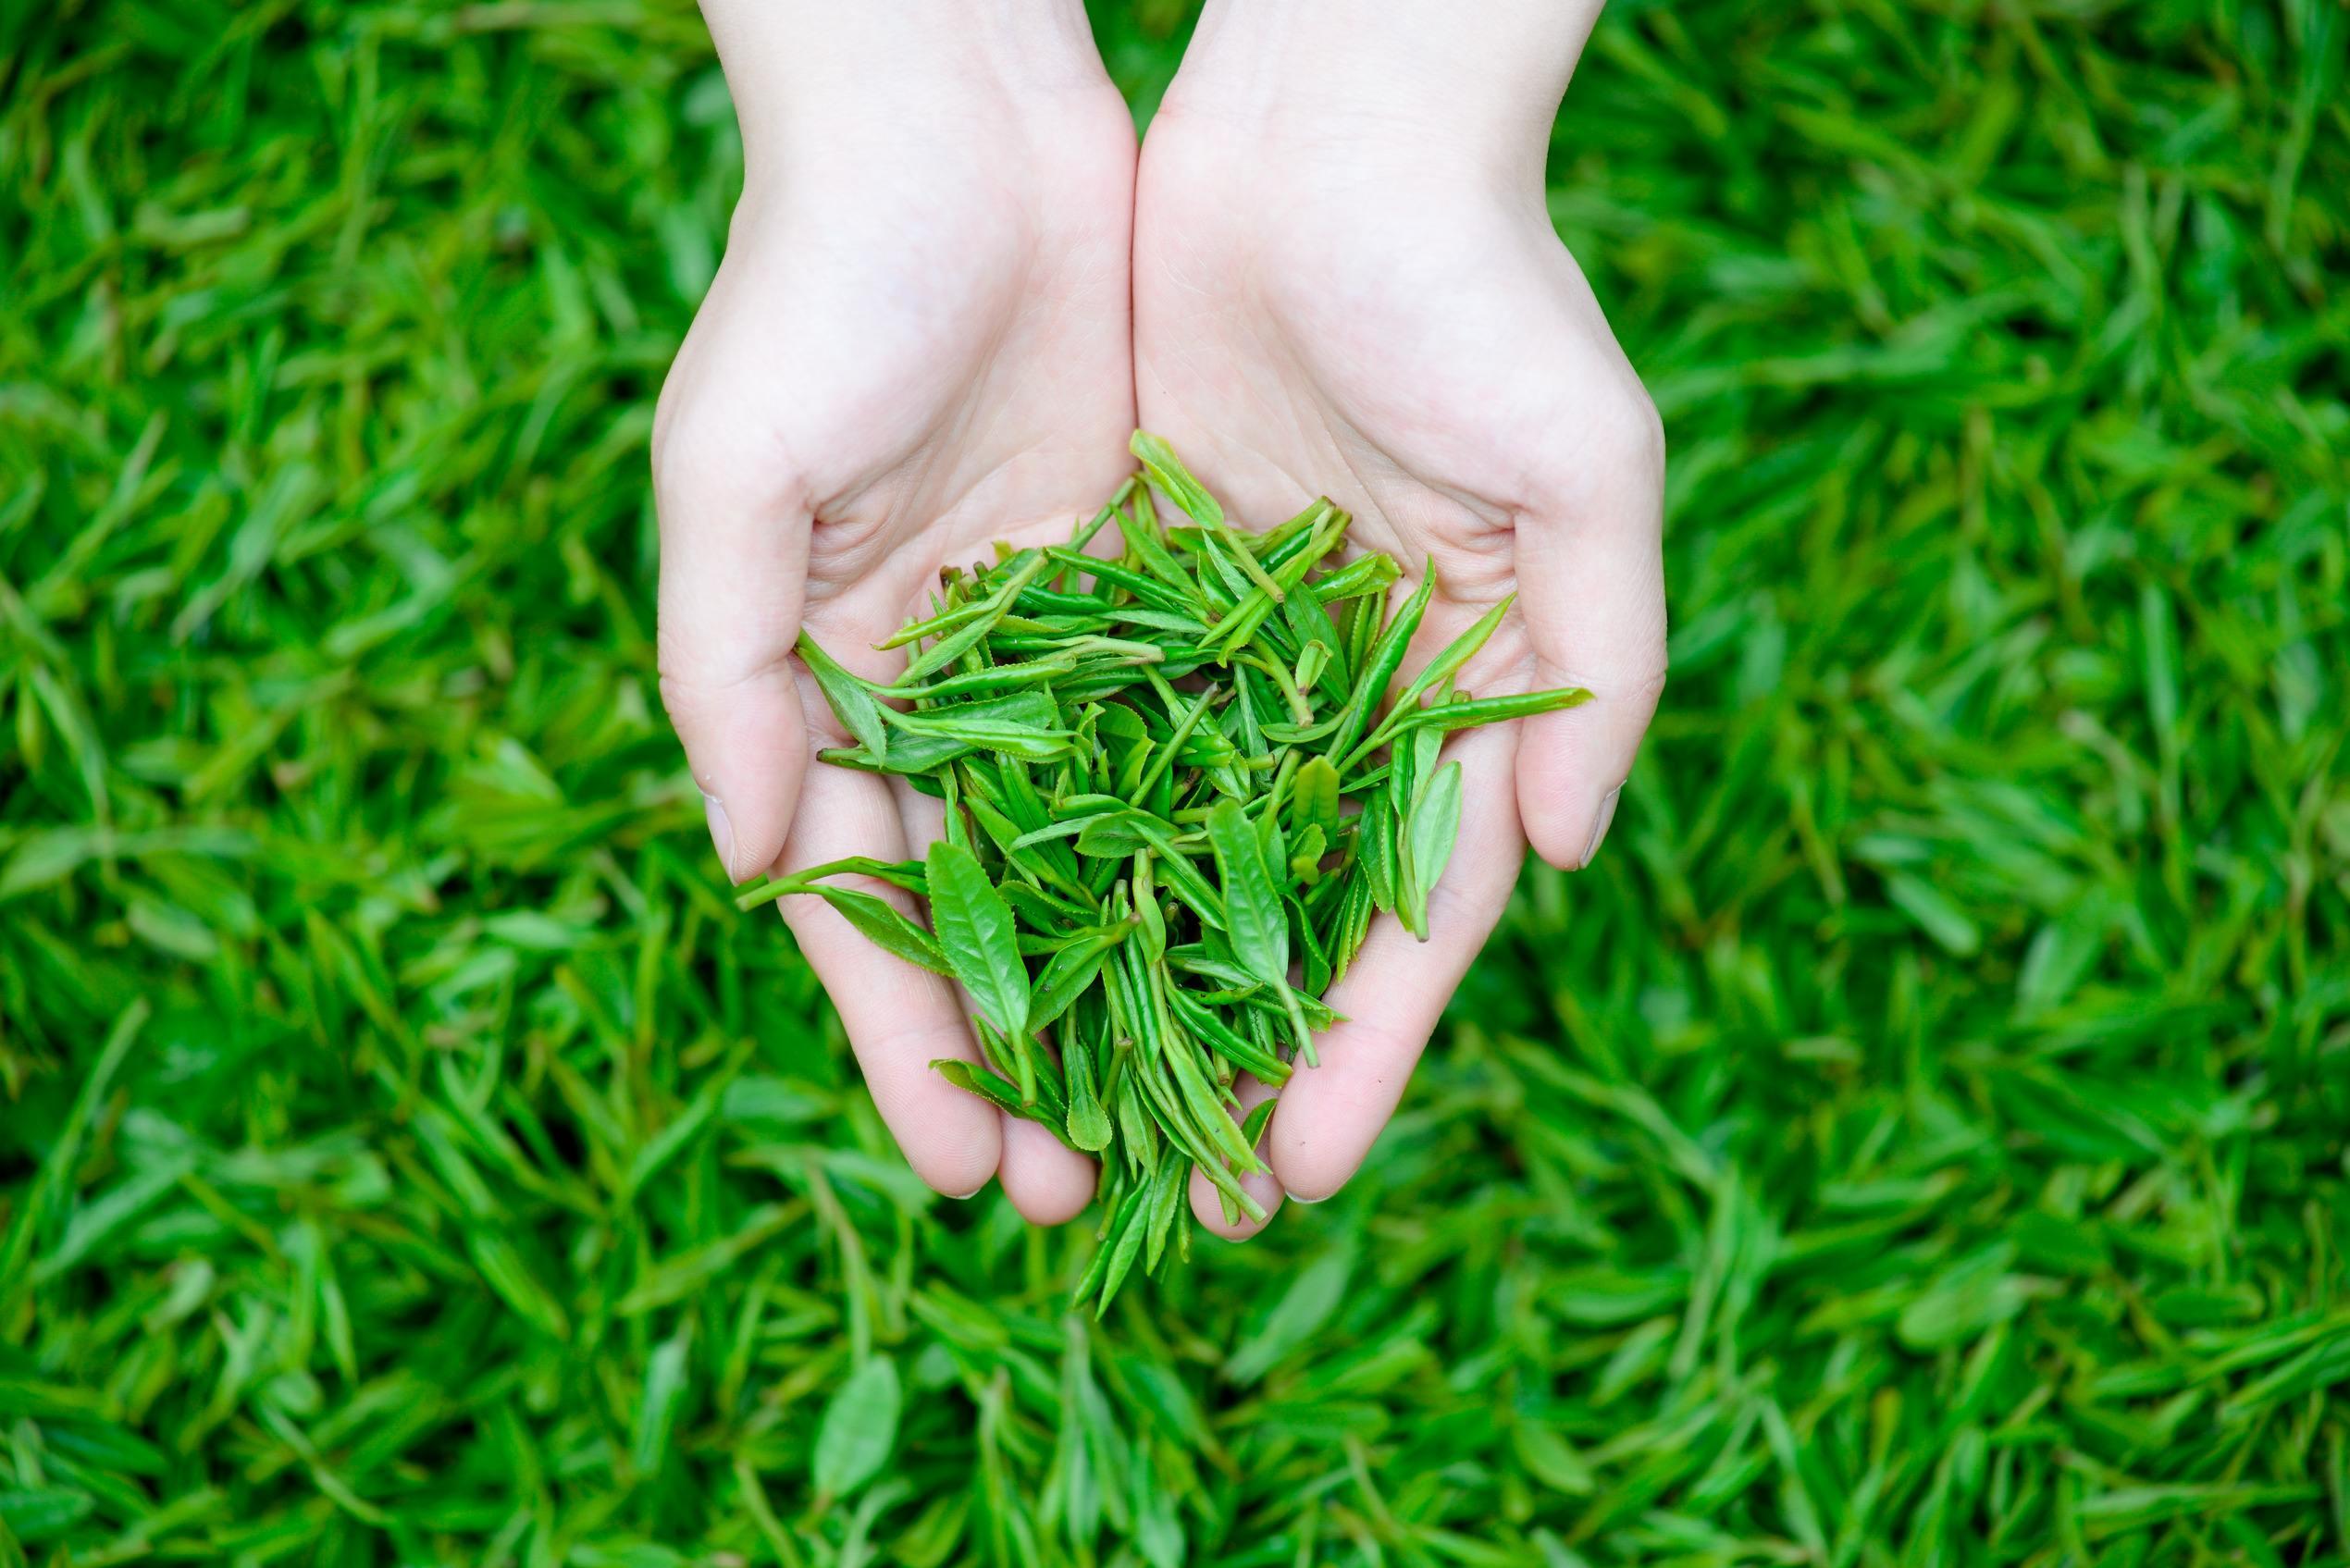 我们推荐知名茶叶品牌专业定制 云南玉溪农产品批发市场诚信经营 蔬菜